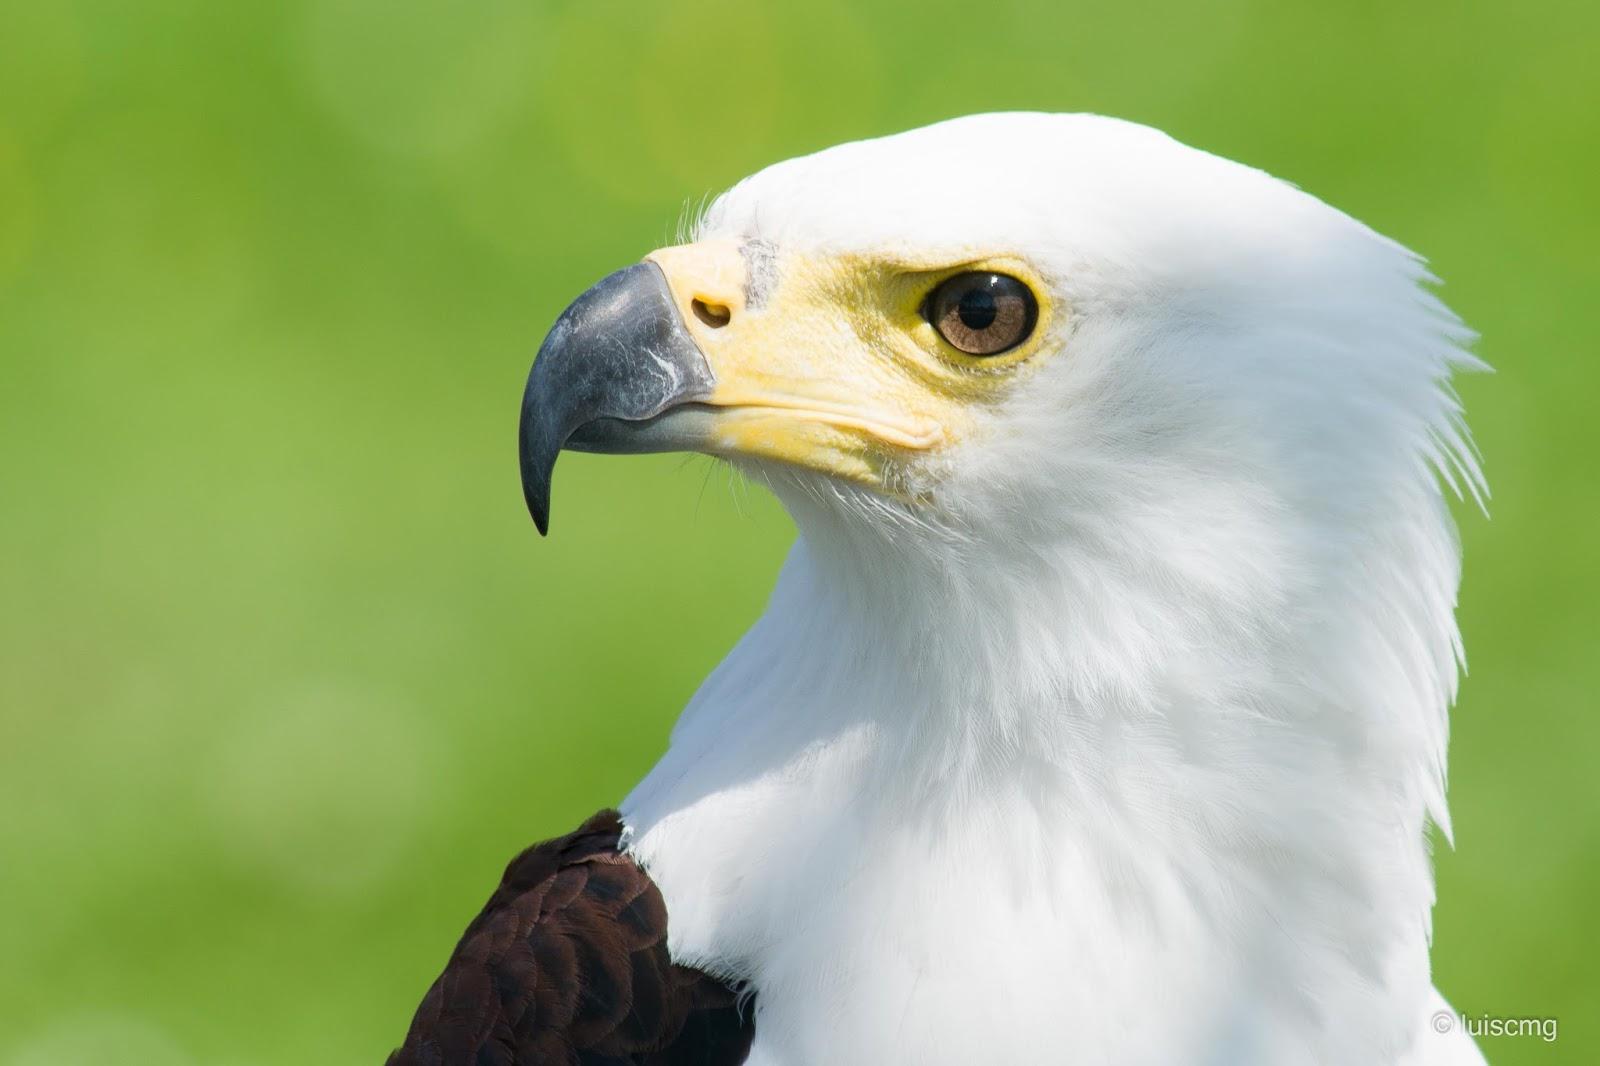 Pigargo africano vocinglero o águila pescadora (Haliaeetus vocifer)